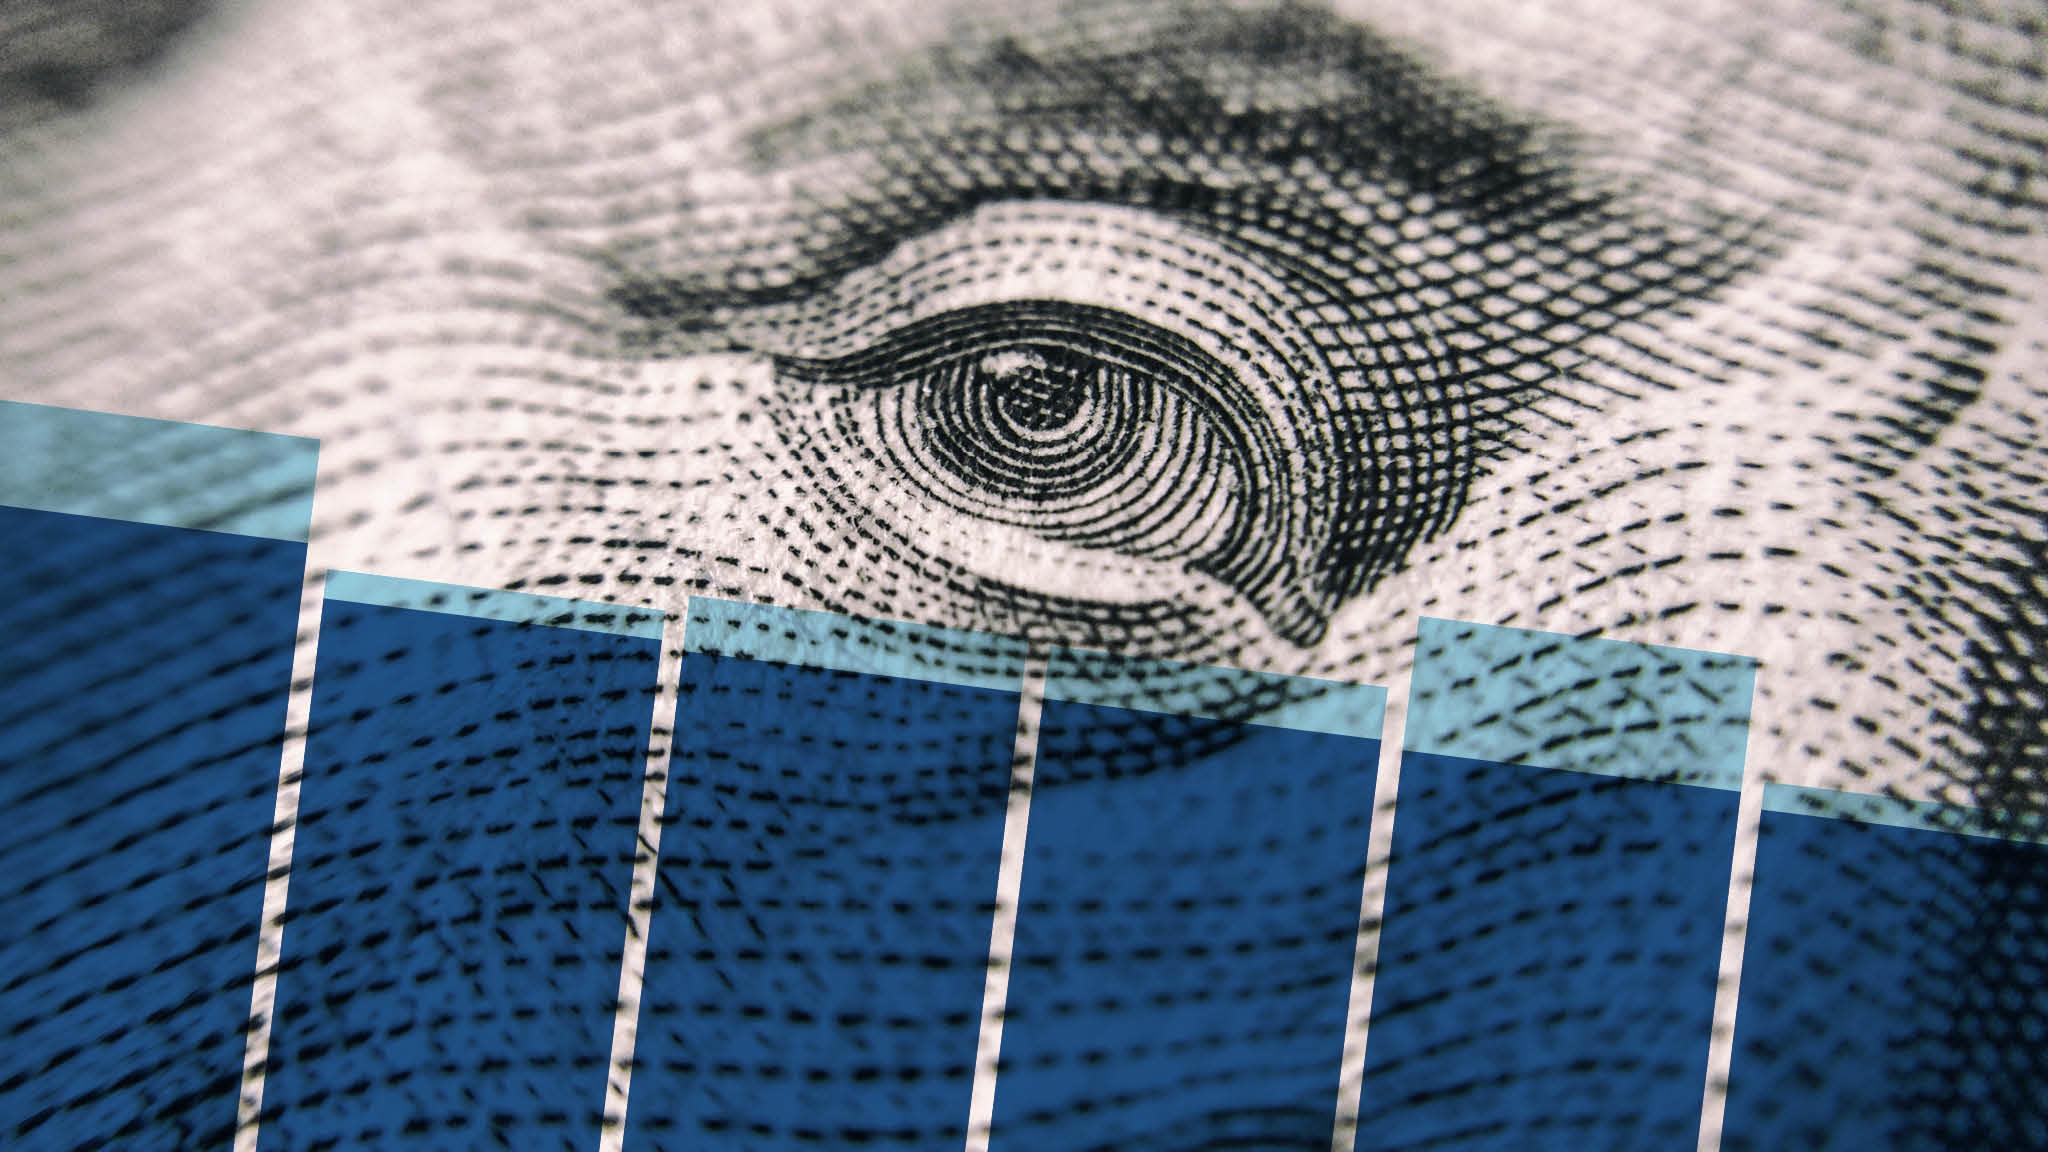 Triple B corporate bond bulls aren't blinking